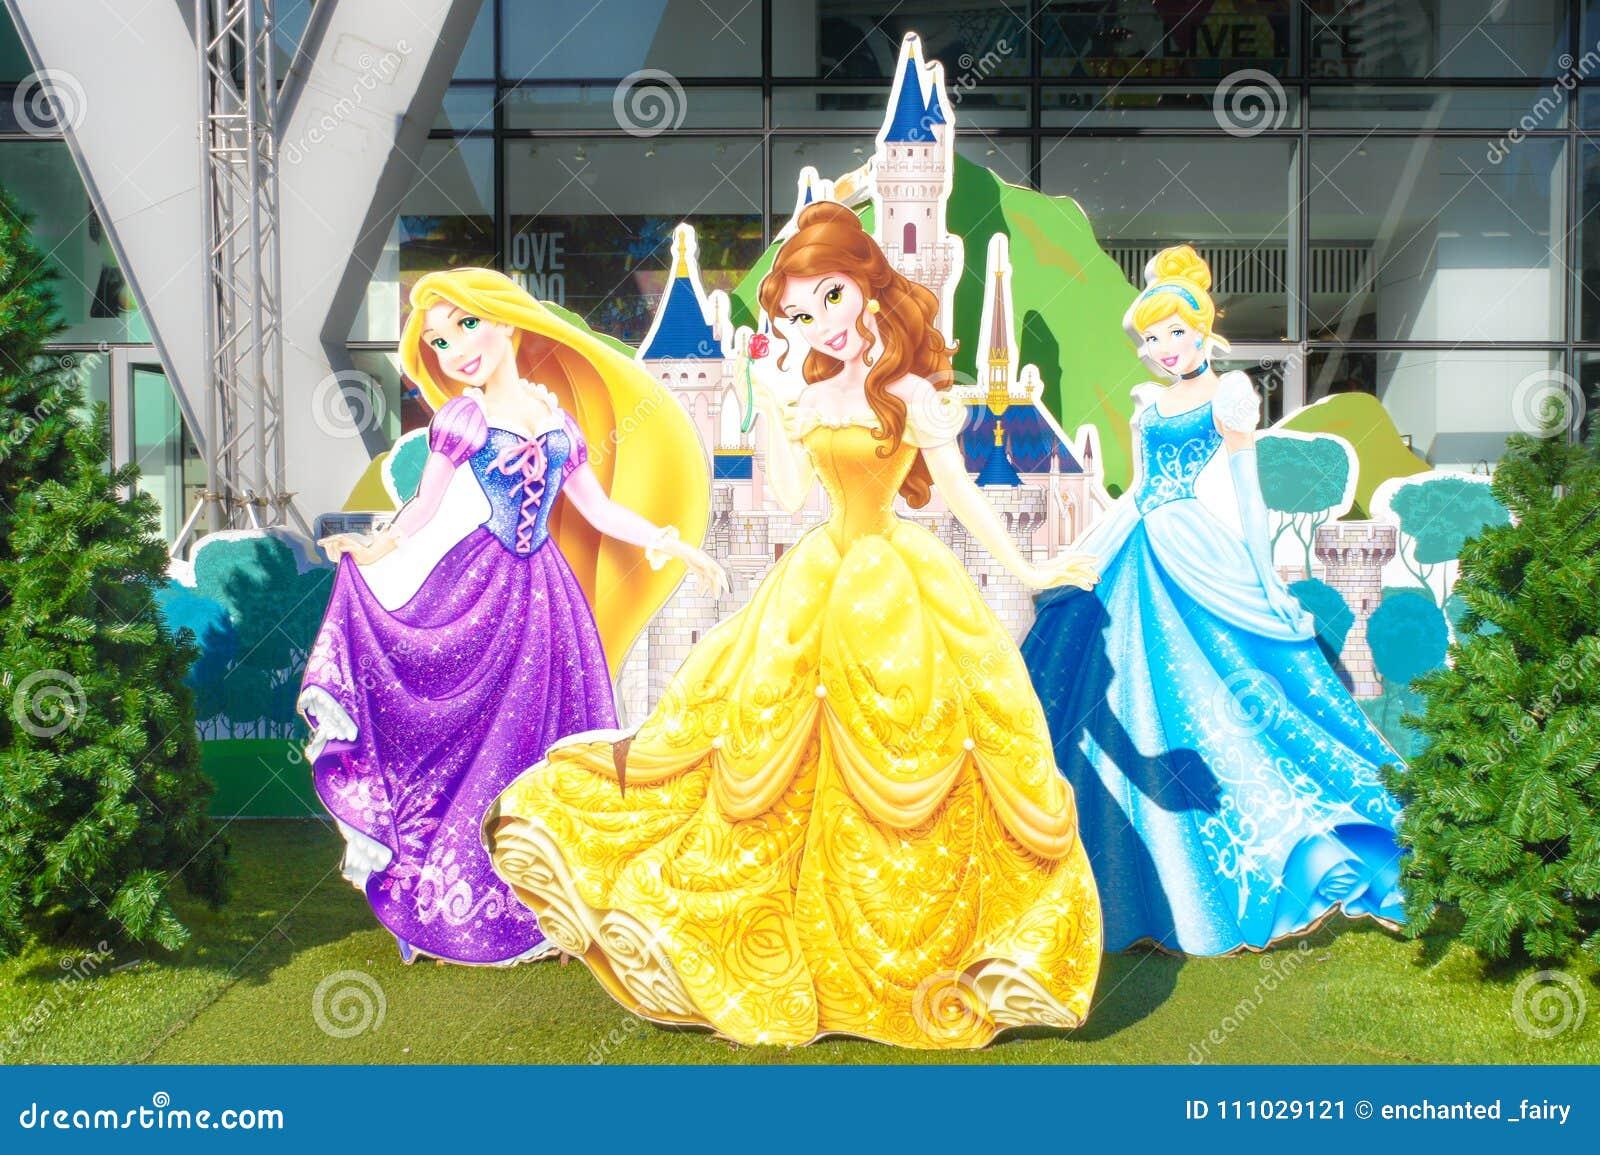 Принцессы Rapunzel, красавица, Золушка и Дисней Дисней рокируют за ими